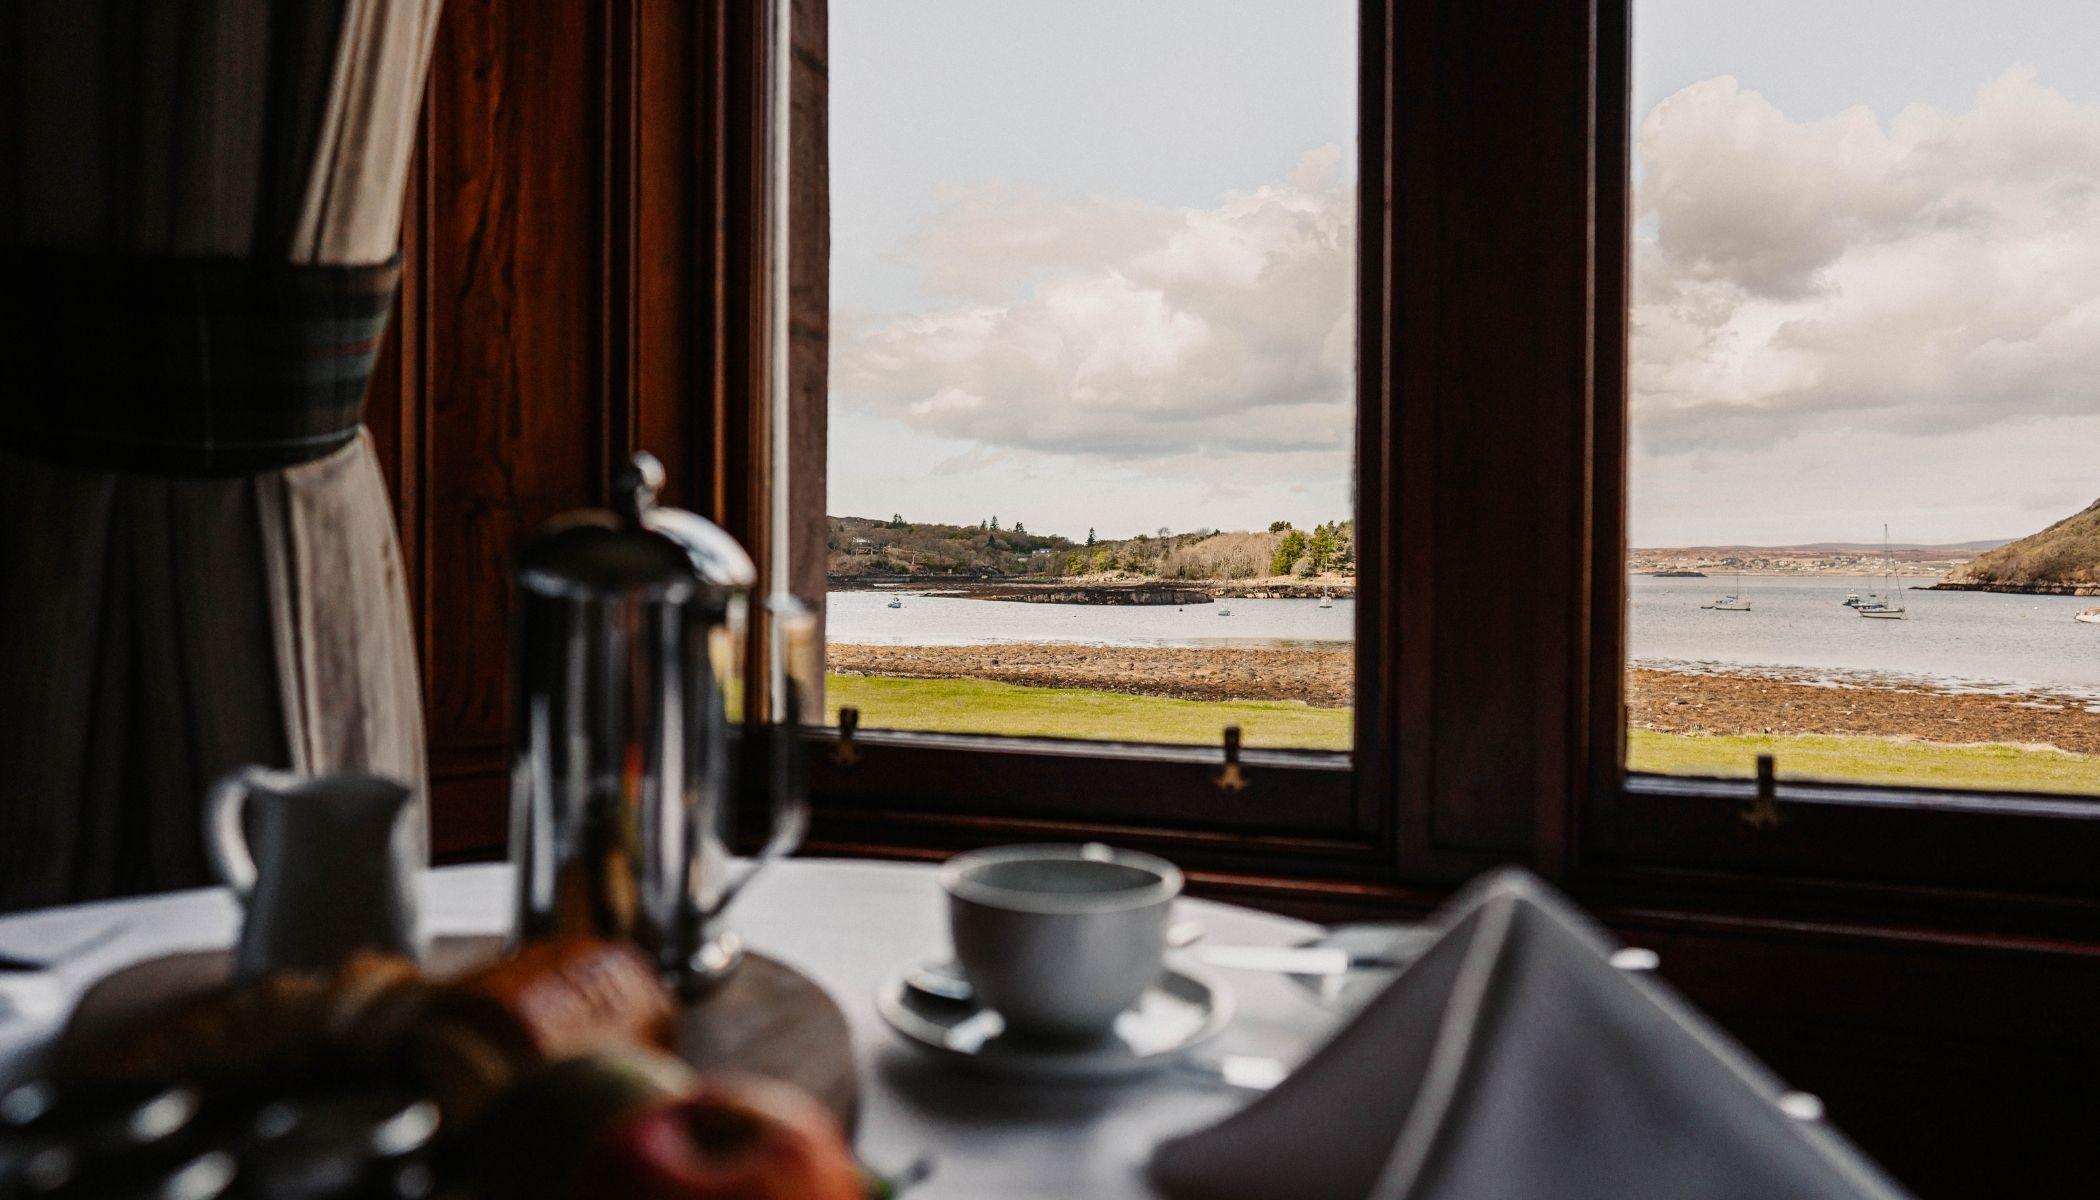 Loch-view restaurant